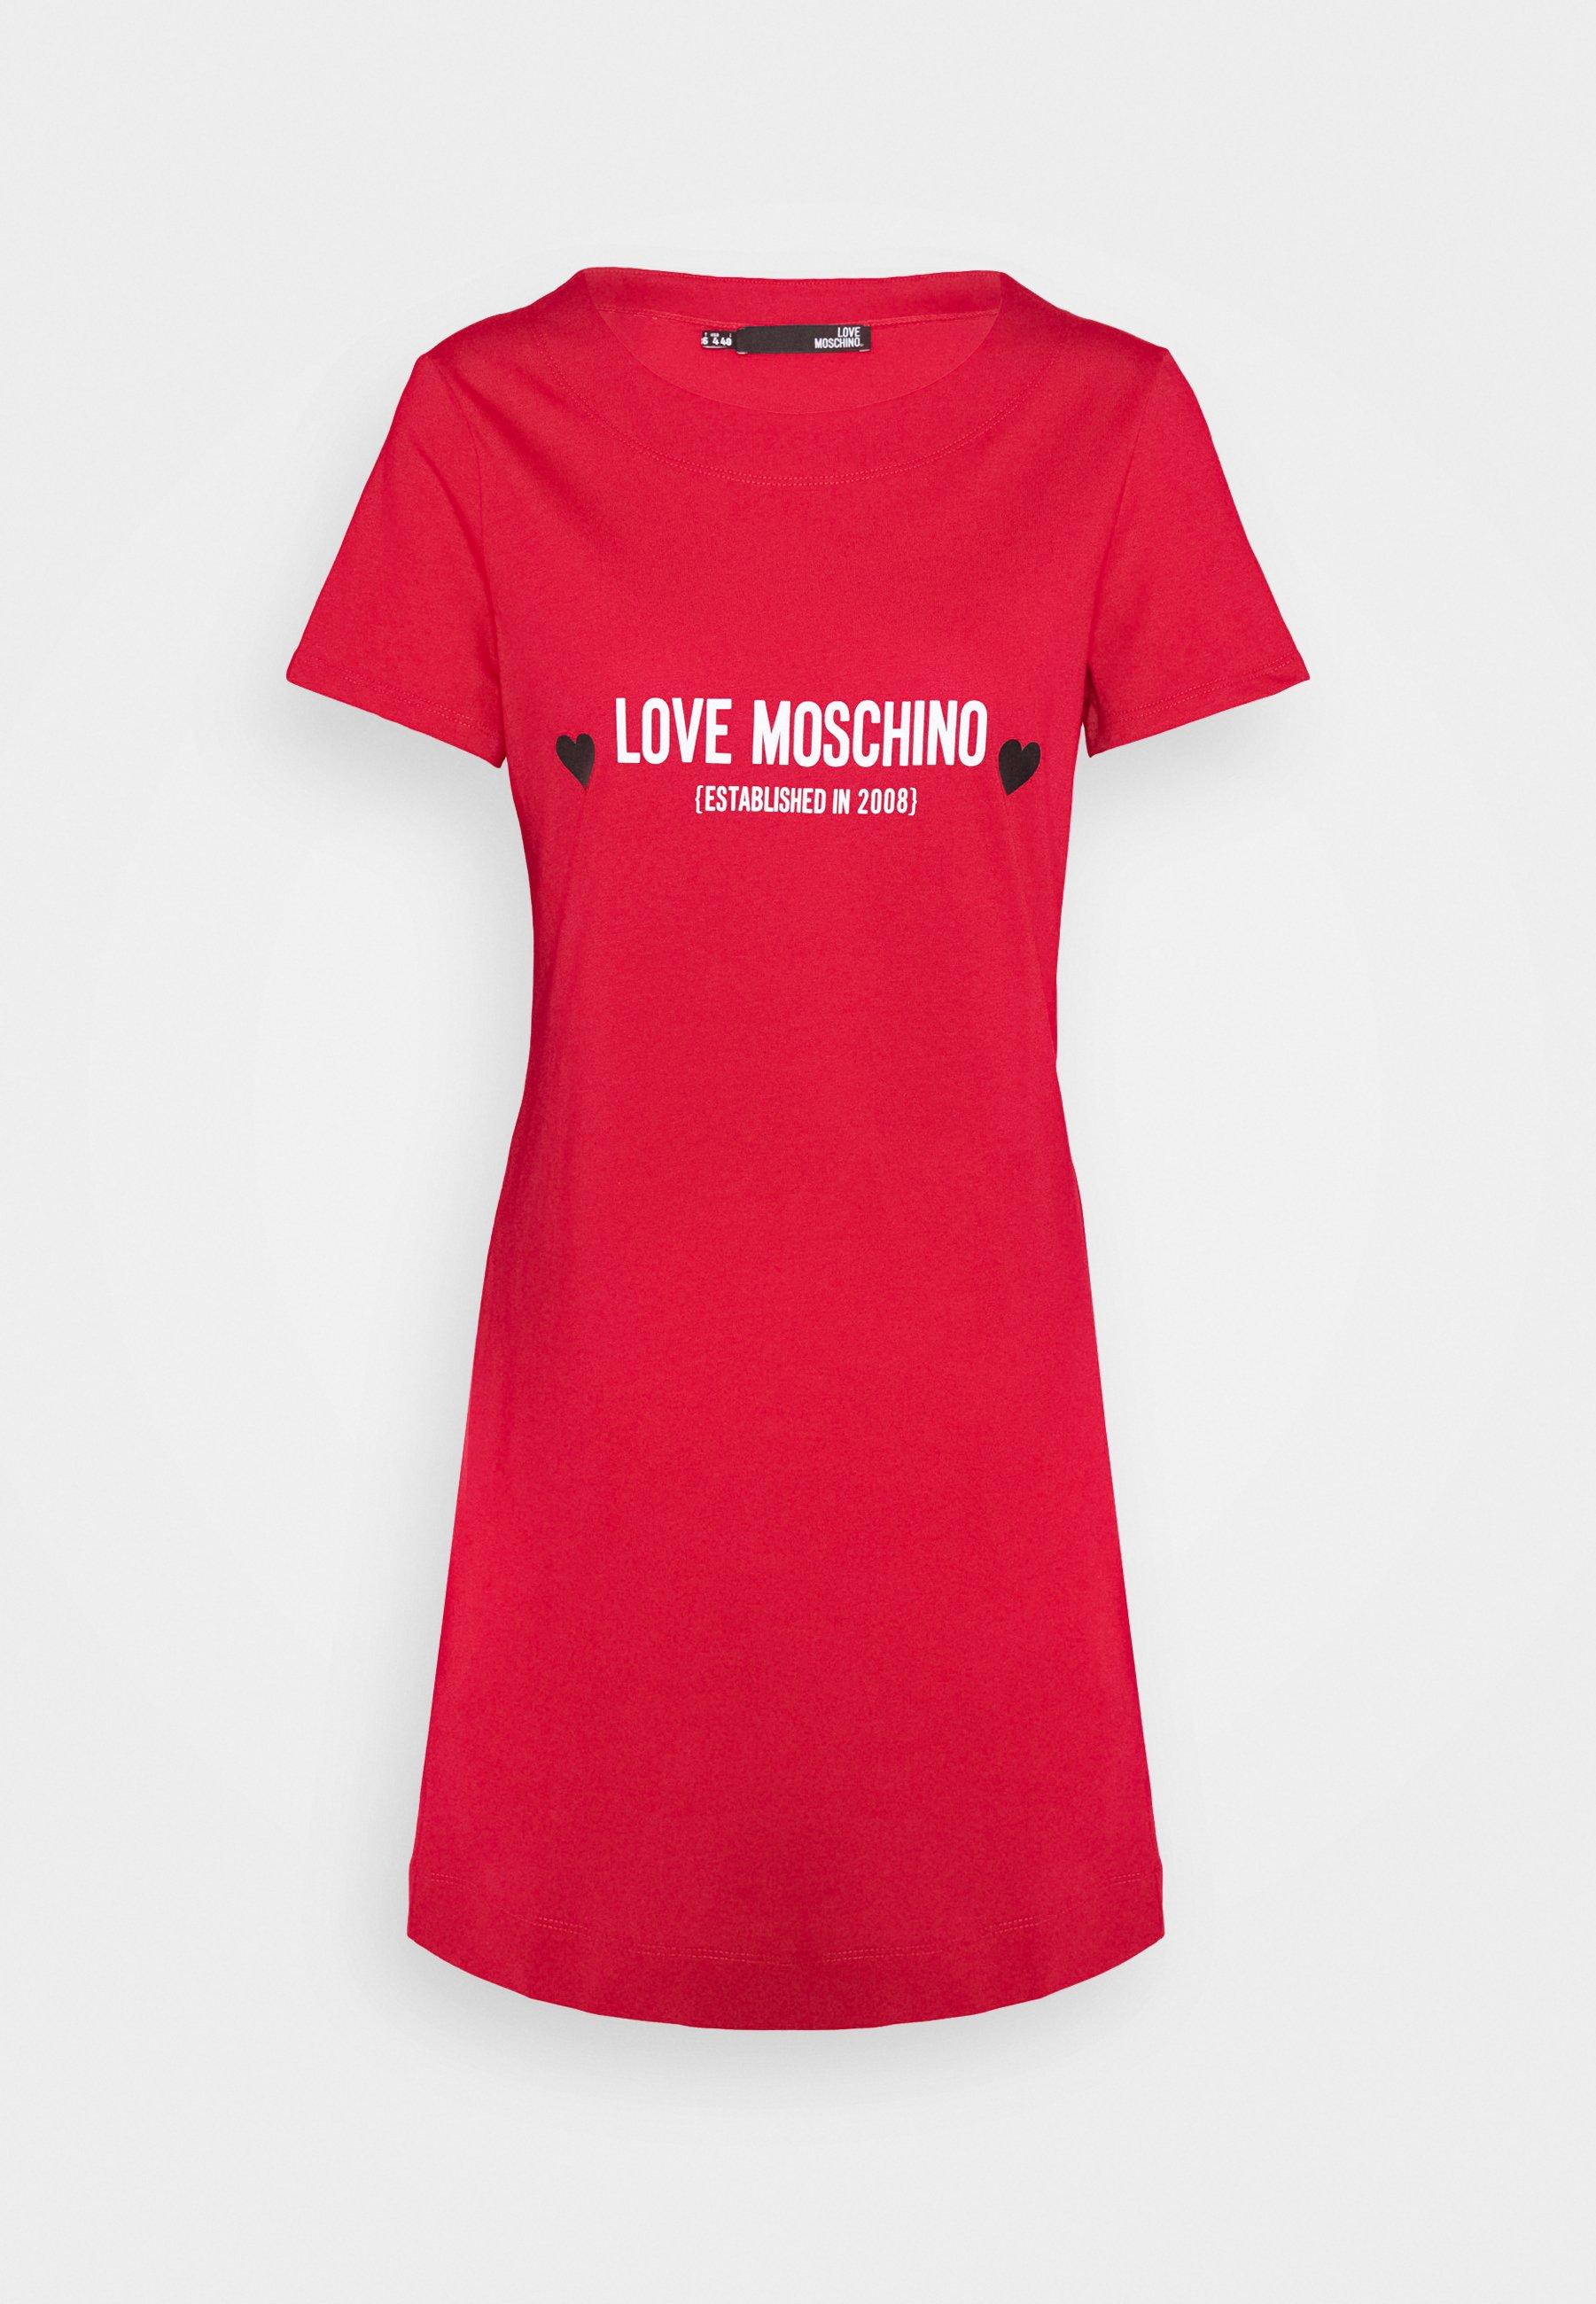 abito logo heart love moschino LOVE MOSCHINO | Abiti | W5929 13 M3876P05